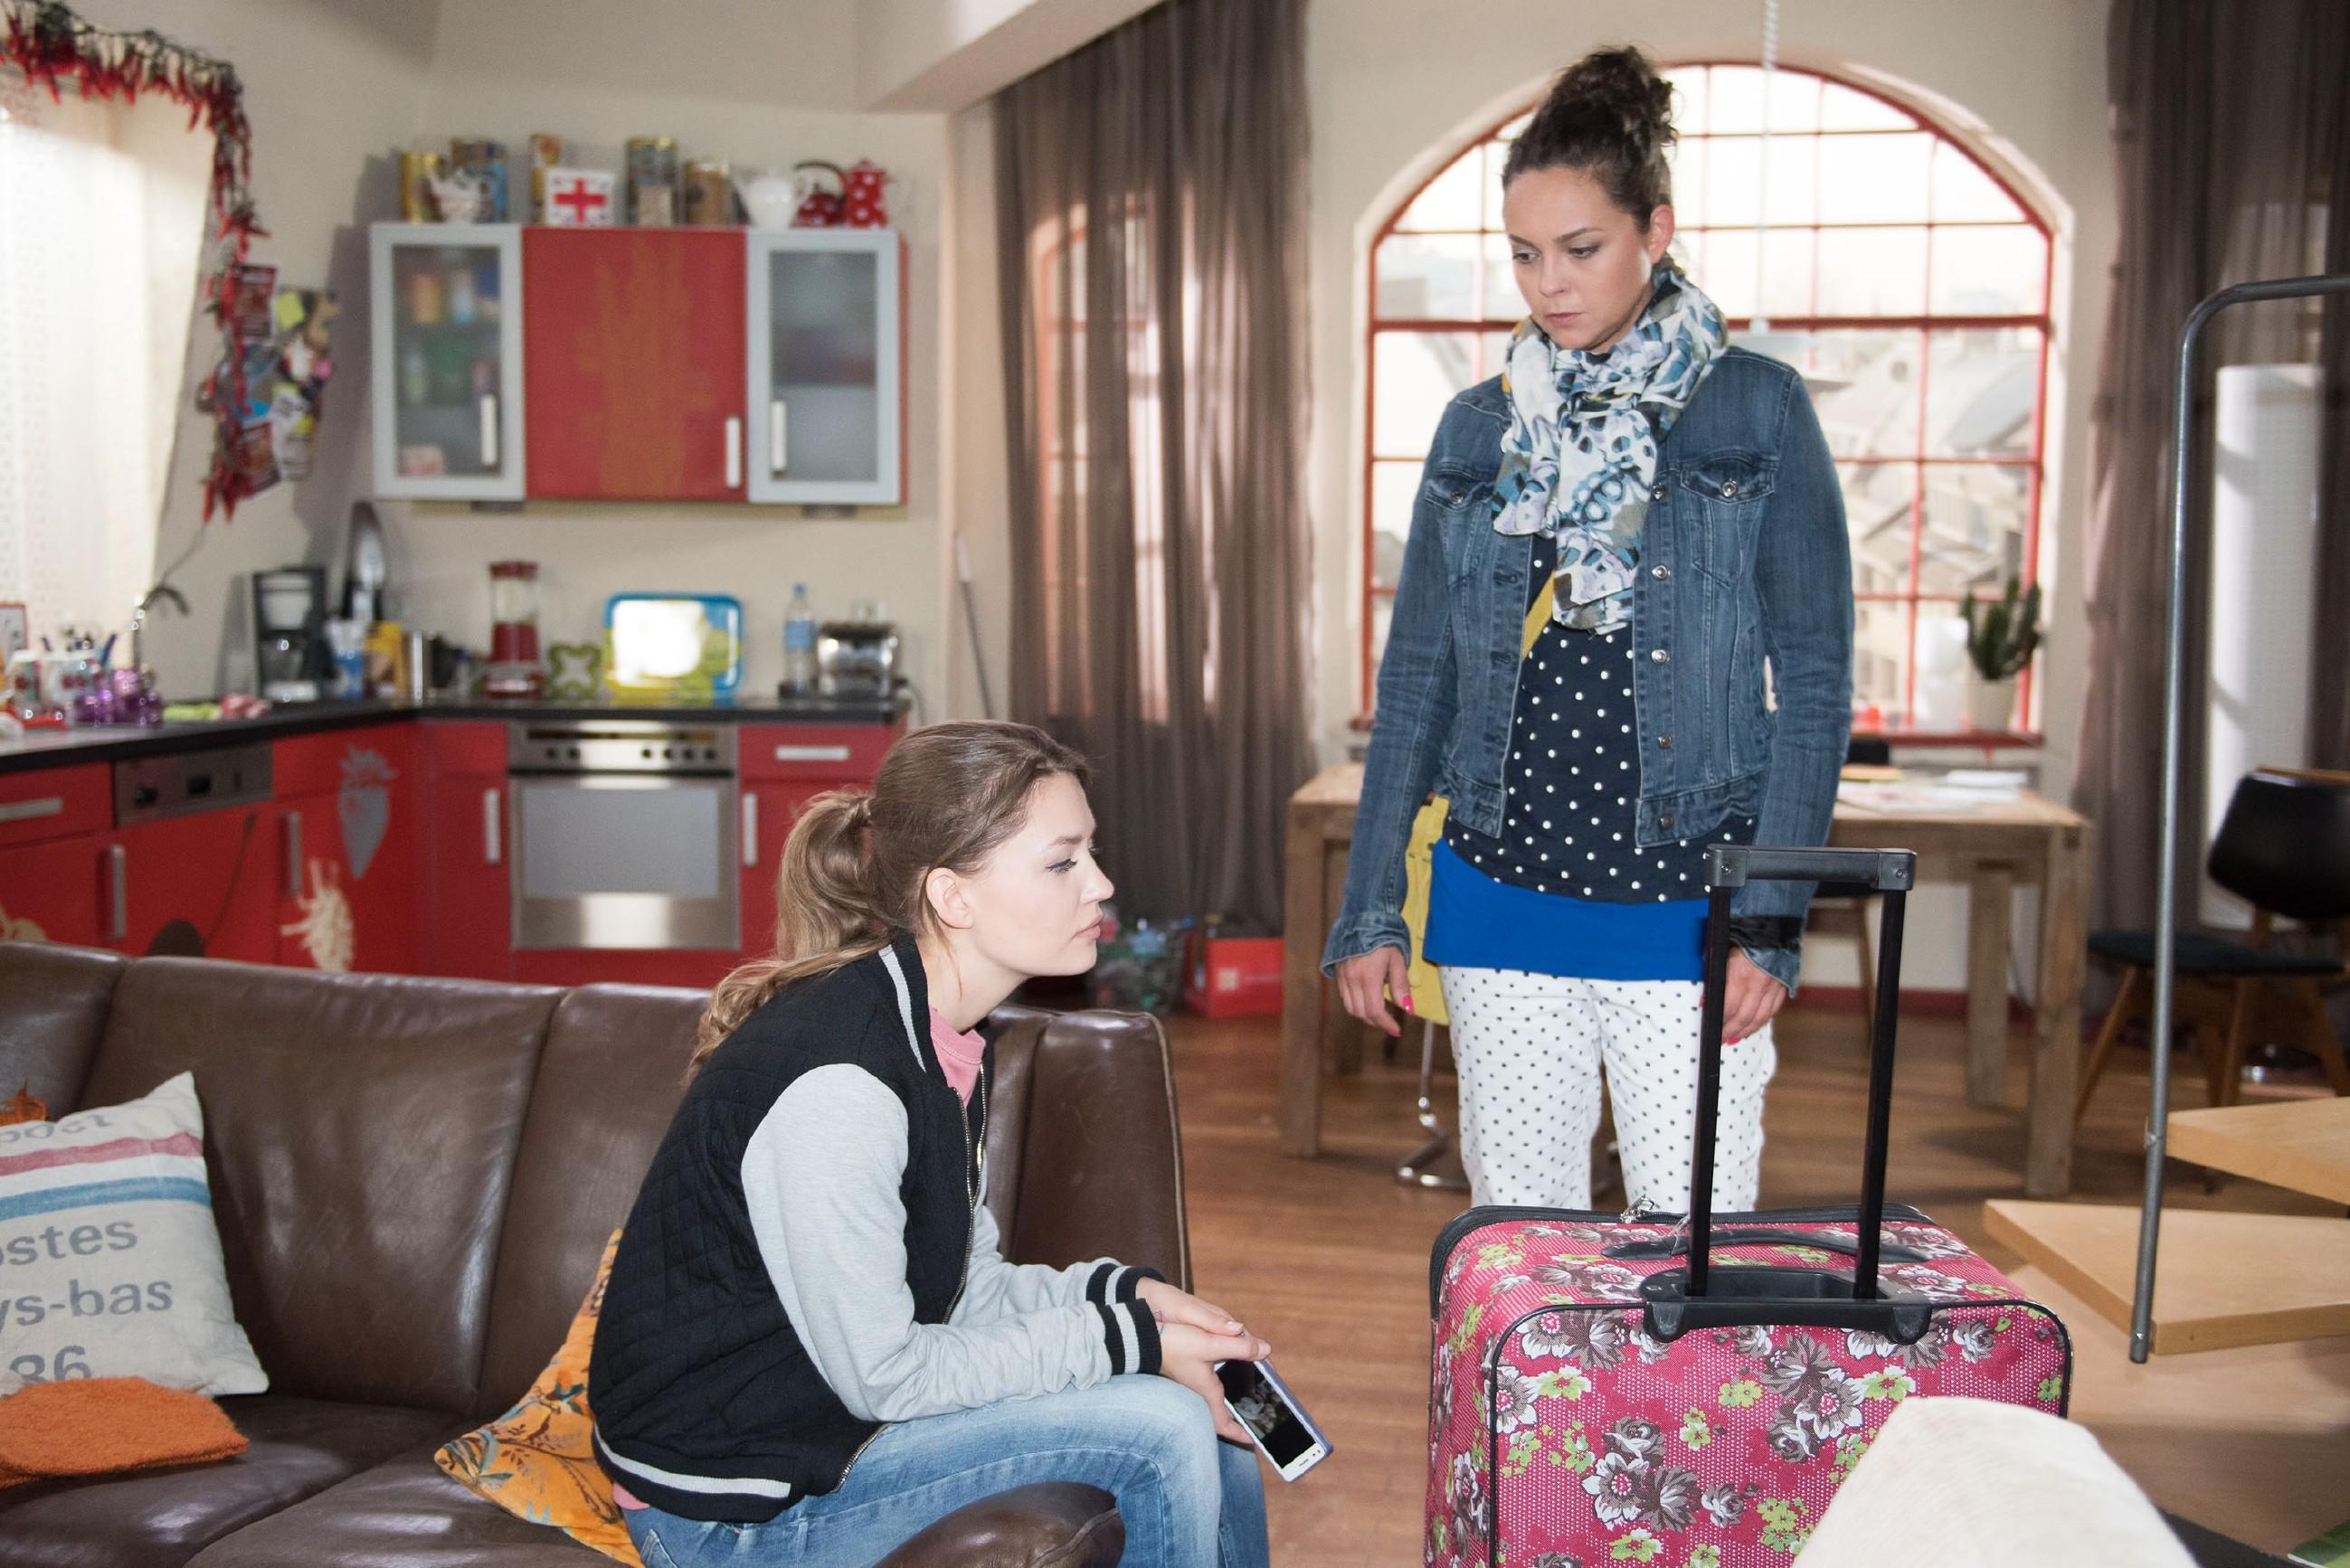 Jules (Amrei Haardt, l.) Liebeskummer wegen Valentin bringt Caro (Ines Kurenbach) mitfühlend zum Umdenken. (Quelle: RTL / Stefan Behrens)